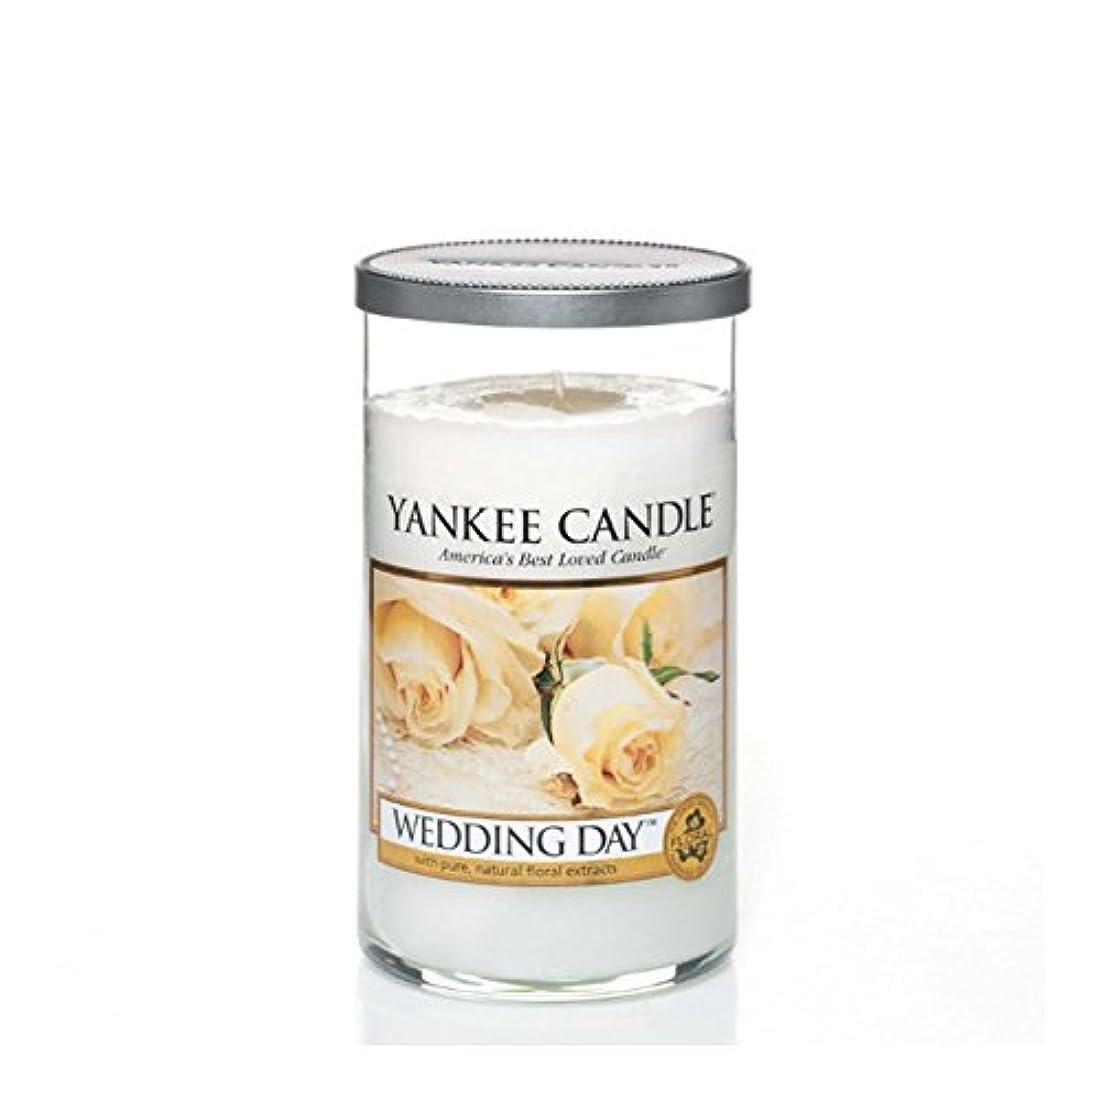 膨らみ幸運なことにペンヤンキーキャンドルメディアピラーキャンドル - 結婚式の日 - Yankee Candles Medium Pillar Candle - Wedding Day (Yankee Candles) [並行輸入品]